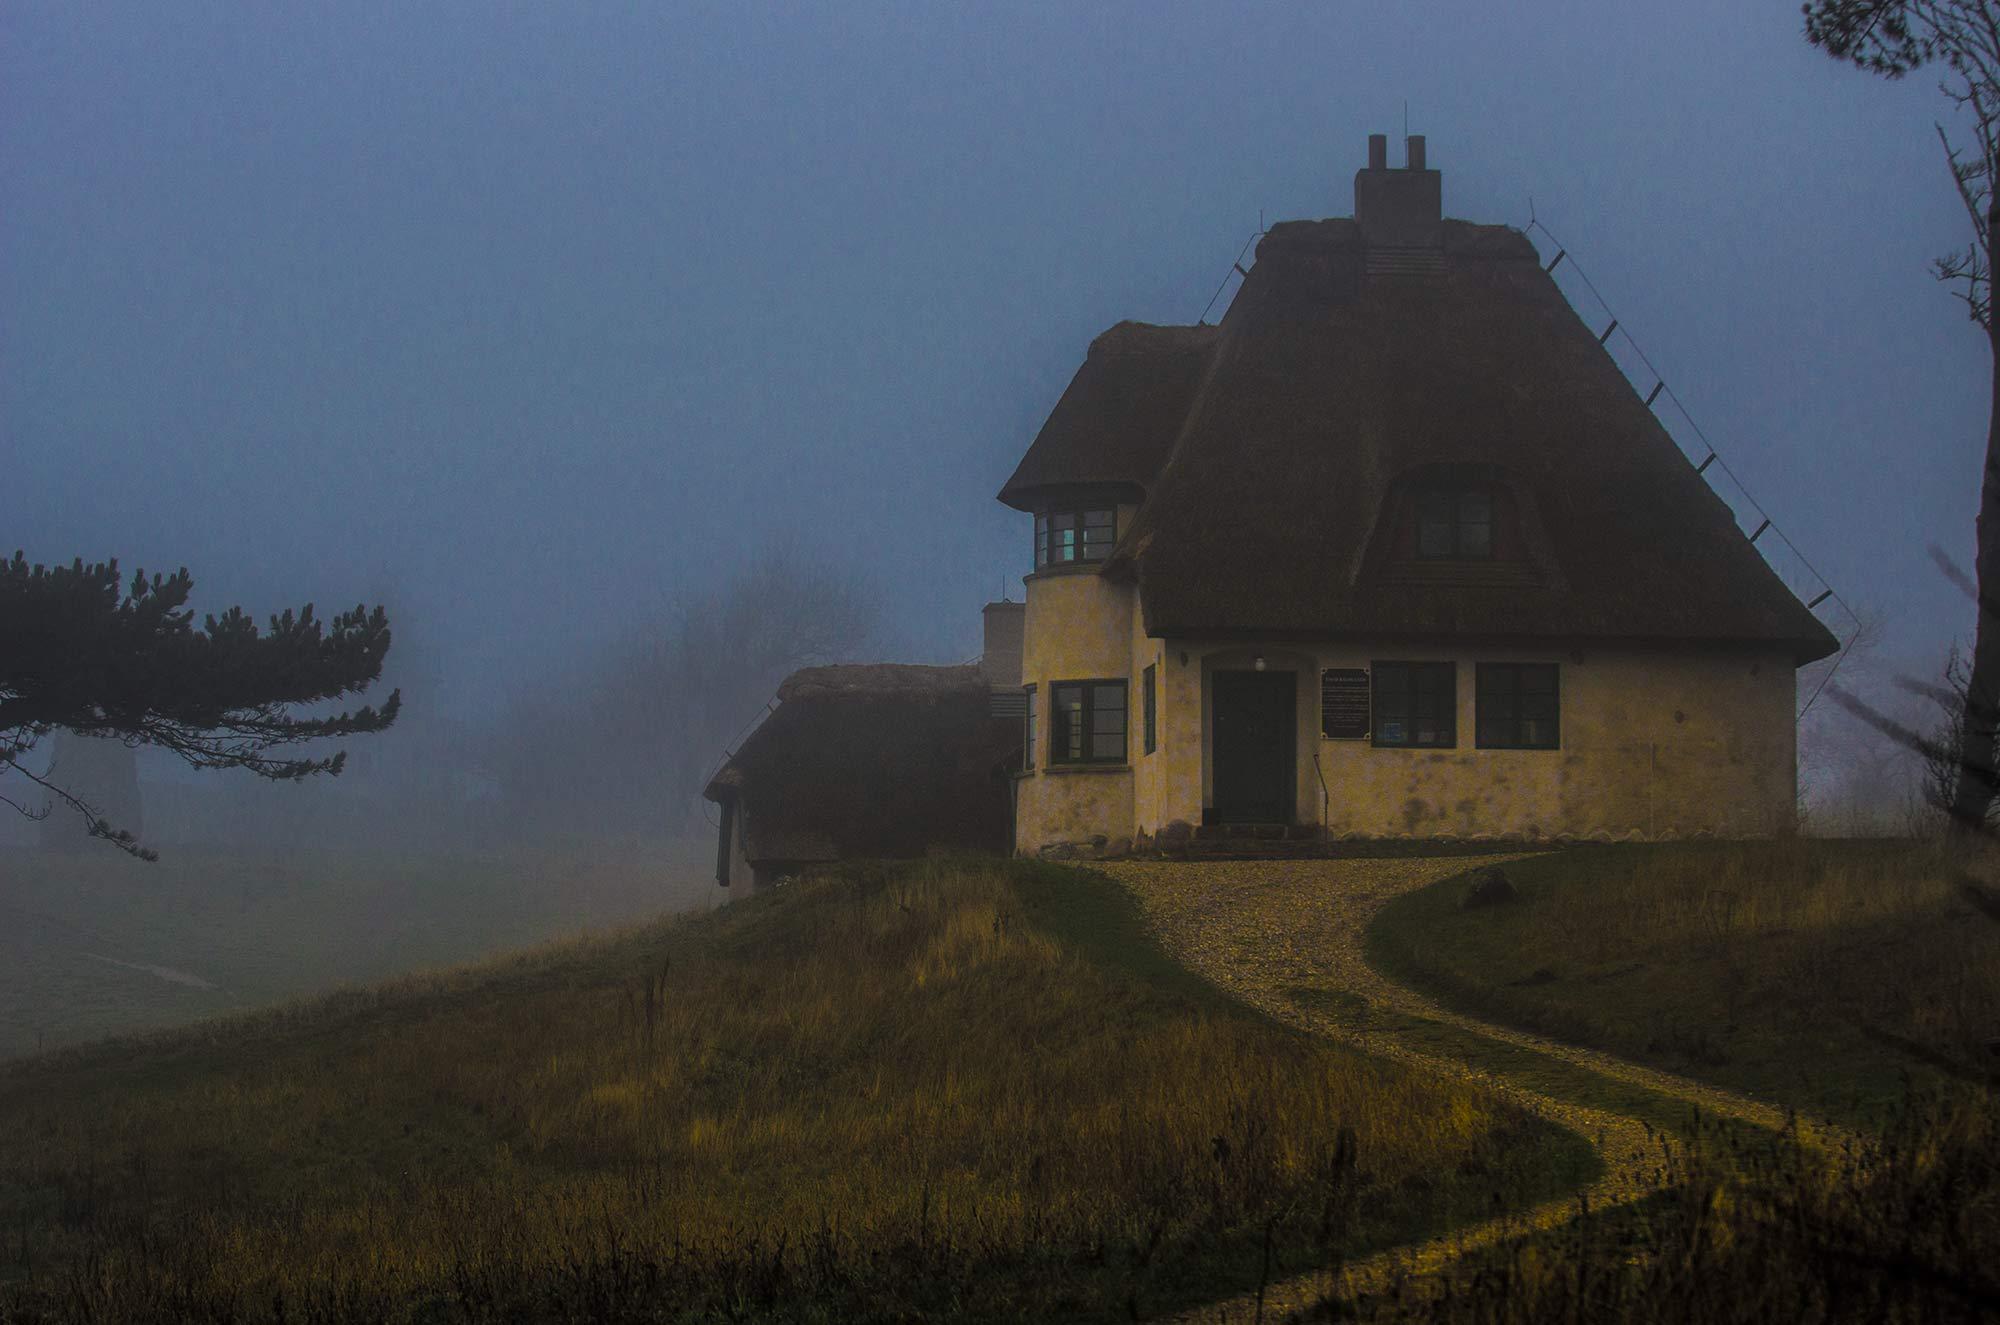 Knud Rasmussens Hus, Hundested i vinter tåge